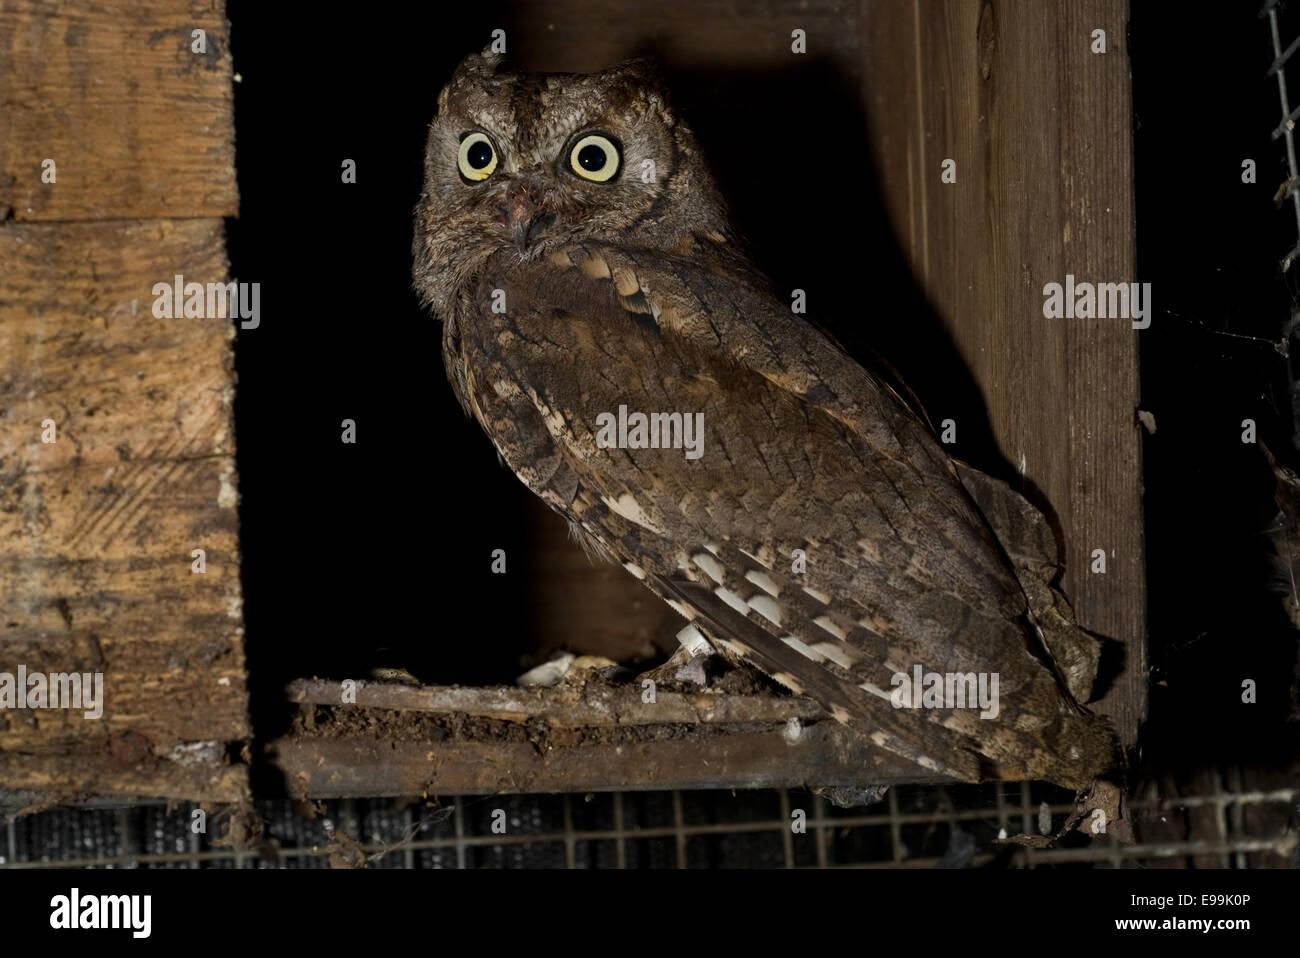 Scops owl, Otus scopus, Strigidae, Italy, Europe - Stock Image